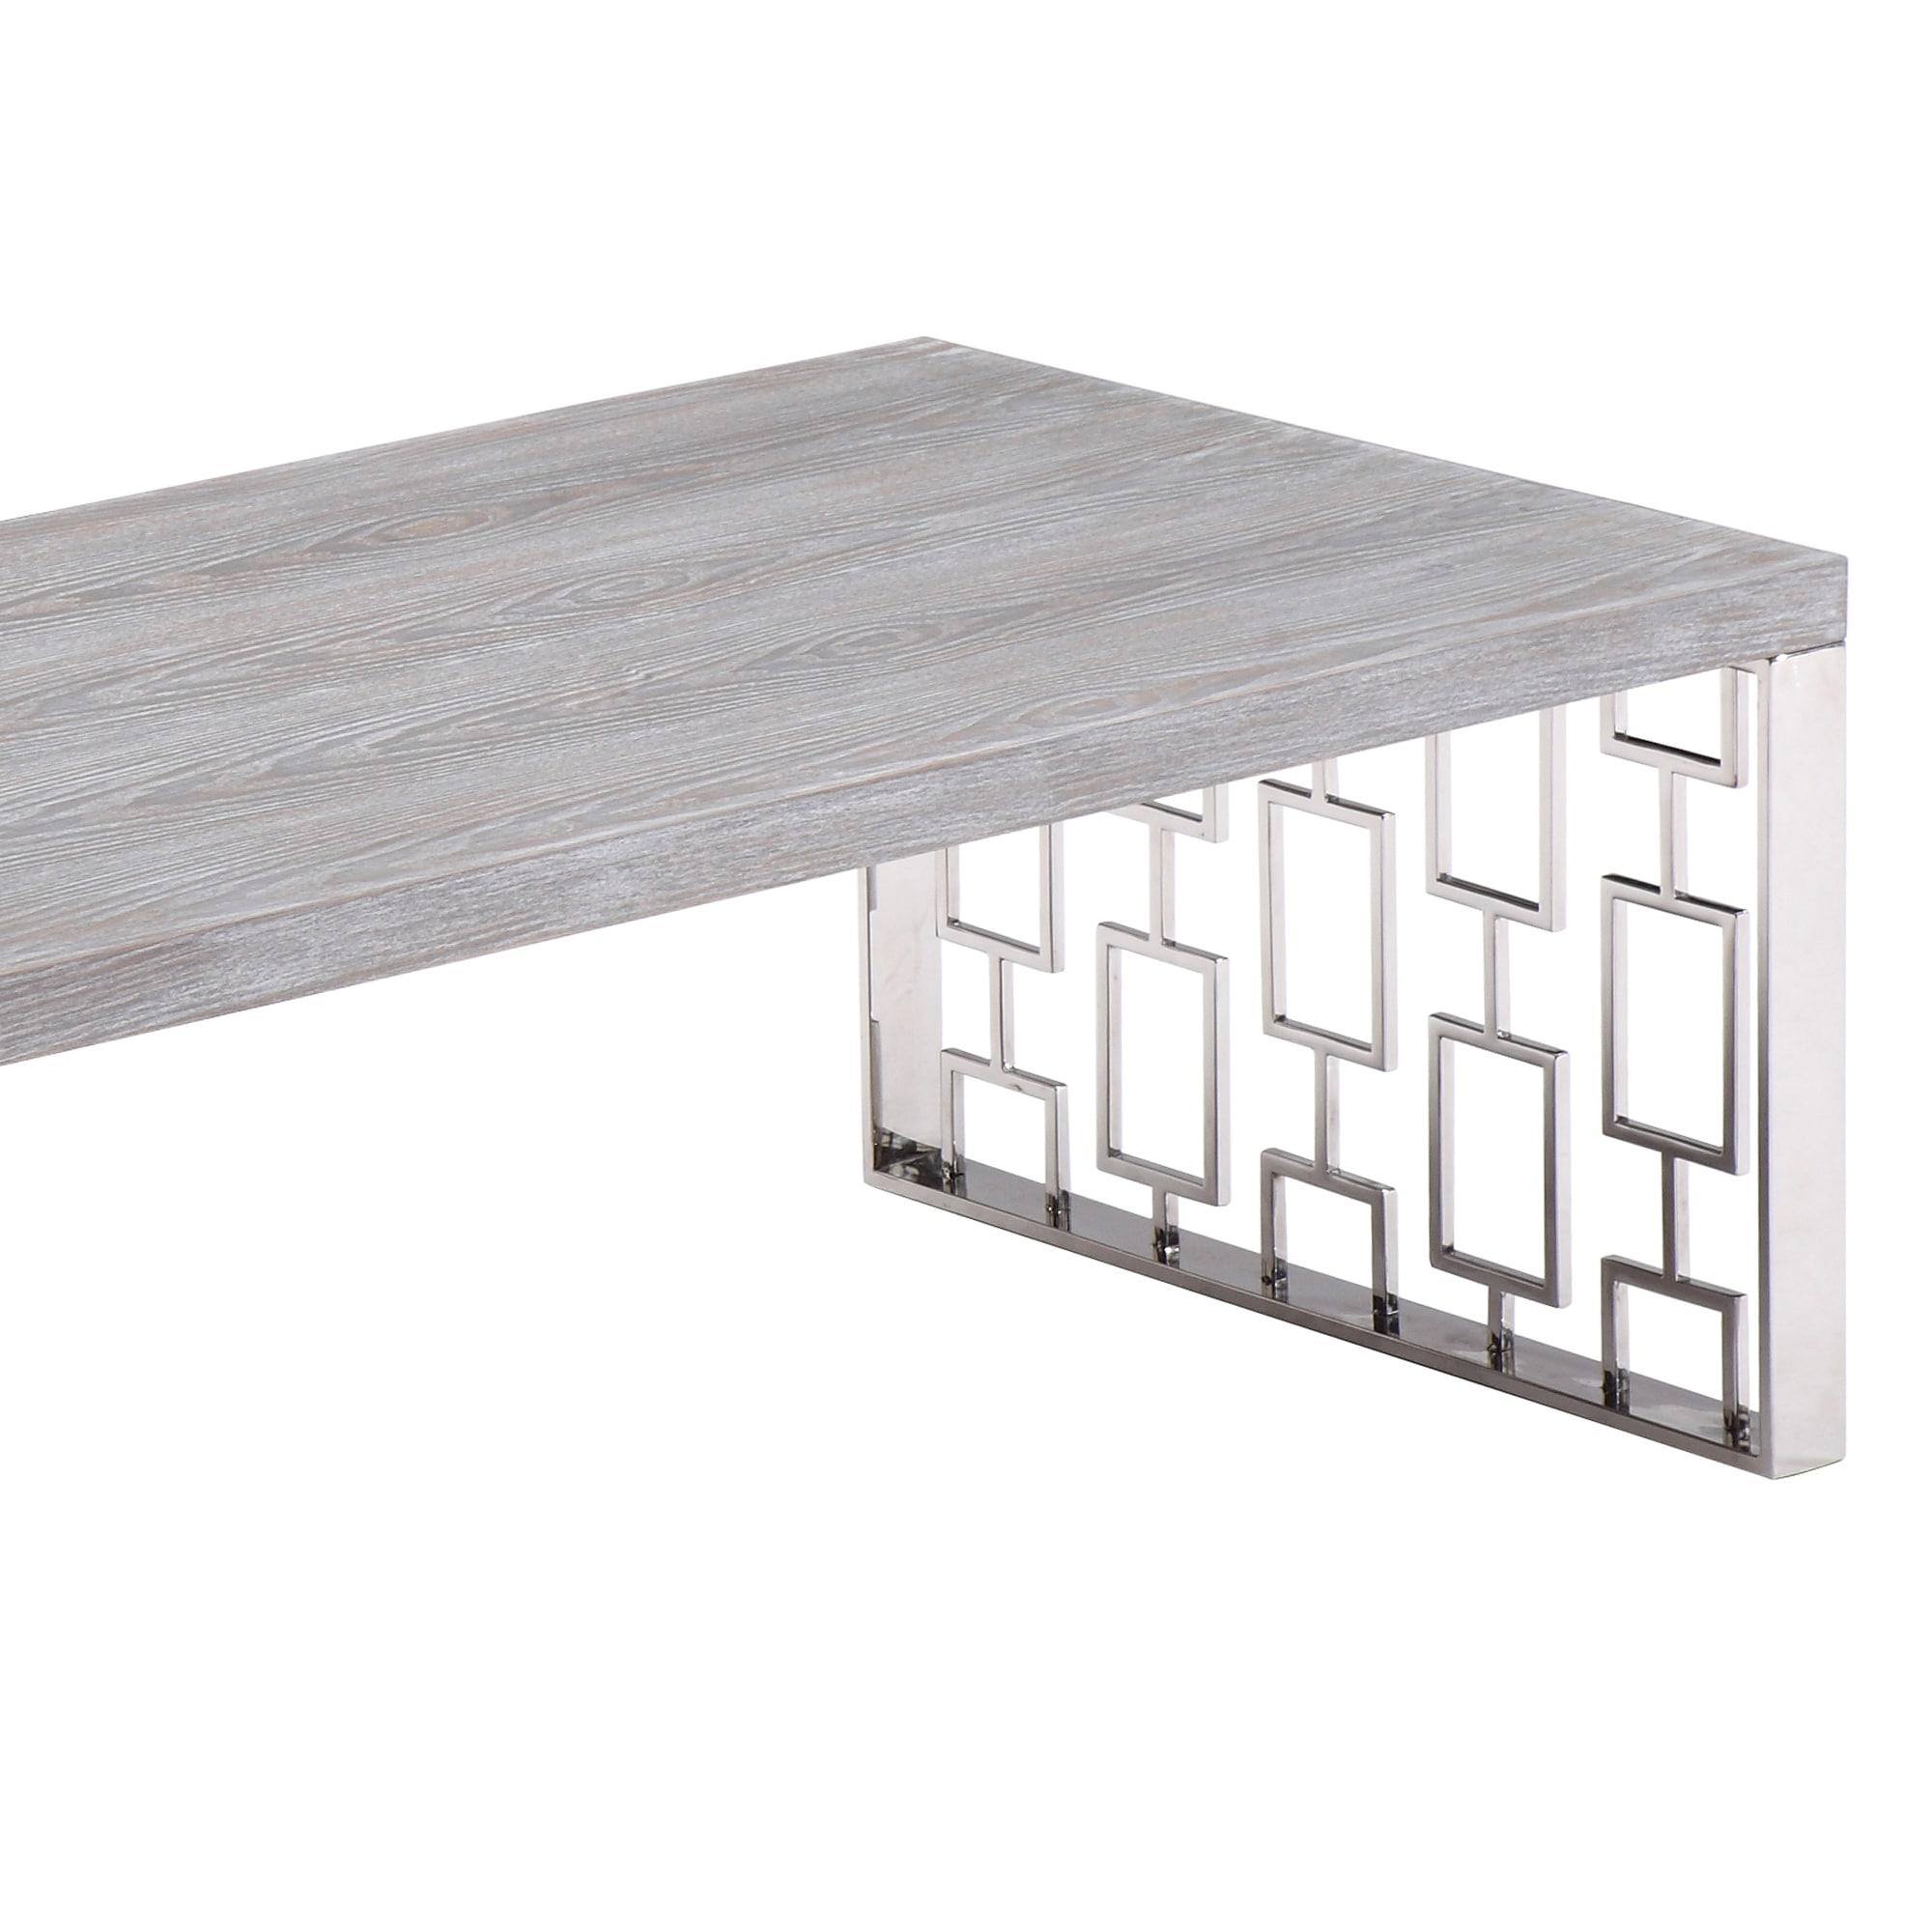 Armen Living Skyline Grey Wash Wood Coffee Table in Brushed Steel